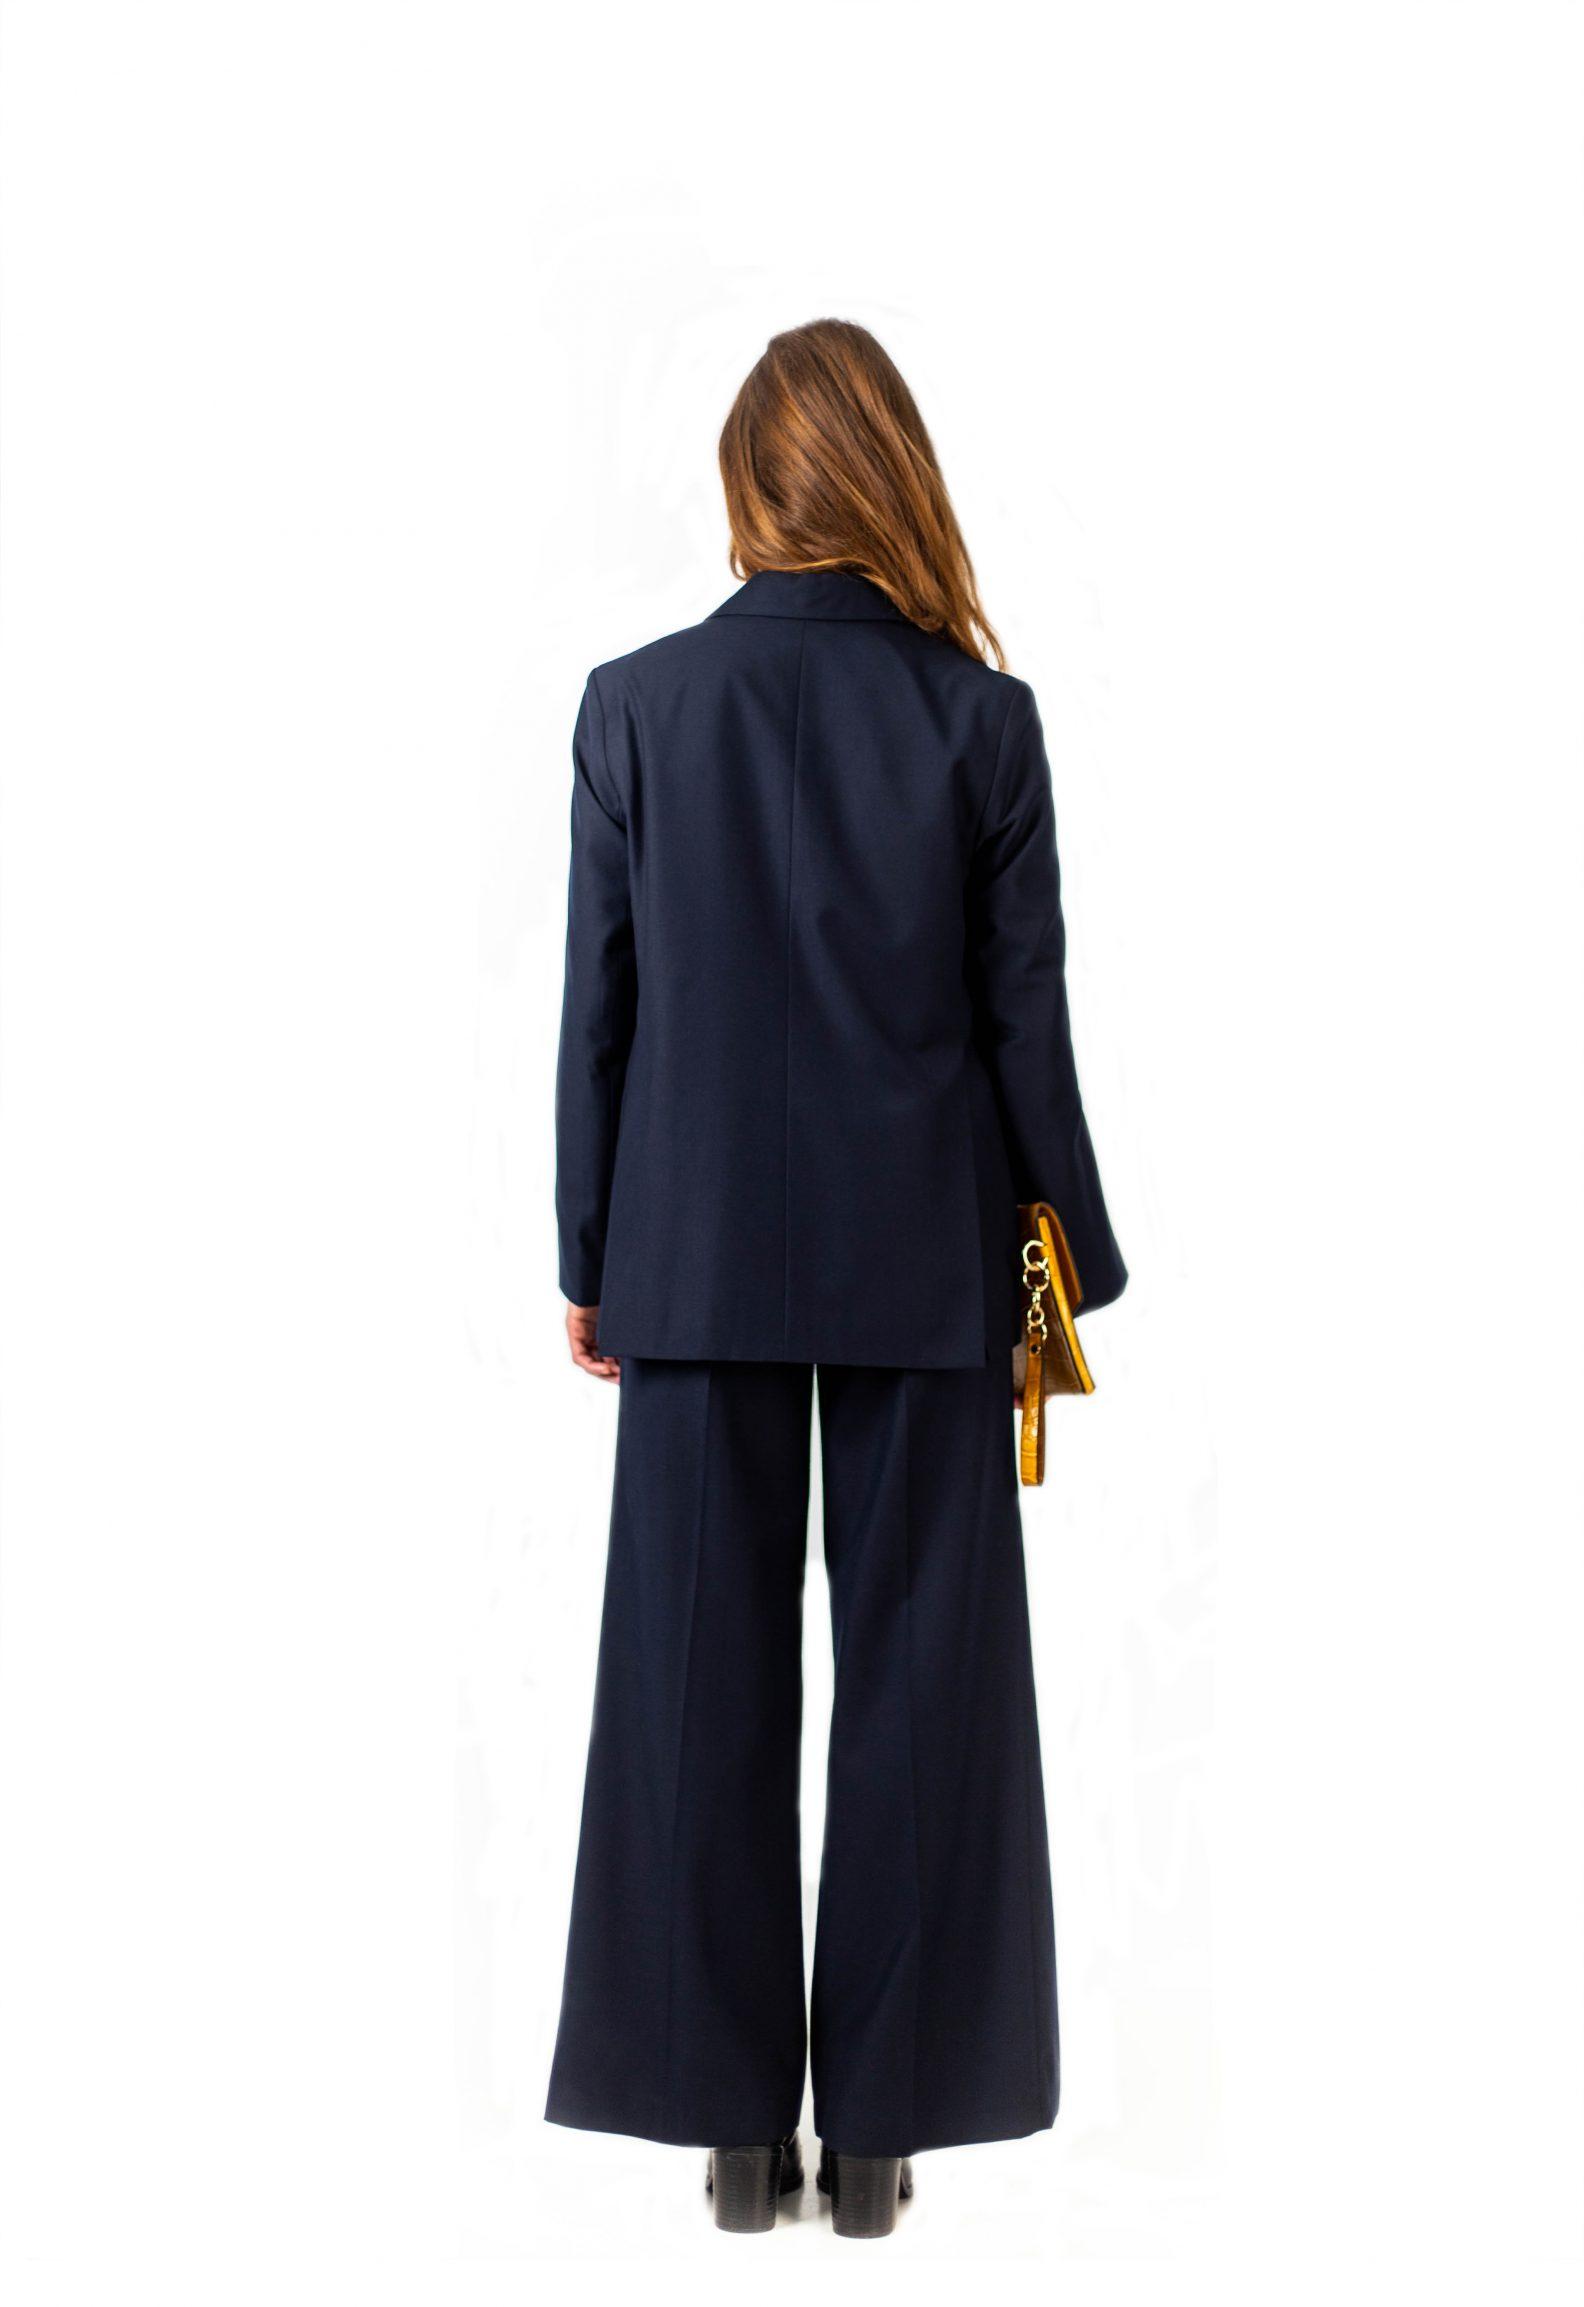 blazer-veste-tailleur-kimchi-mohan-mode-coreenne-affaires-etrangeres-kpop